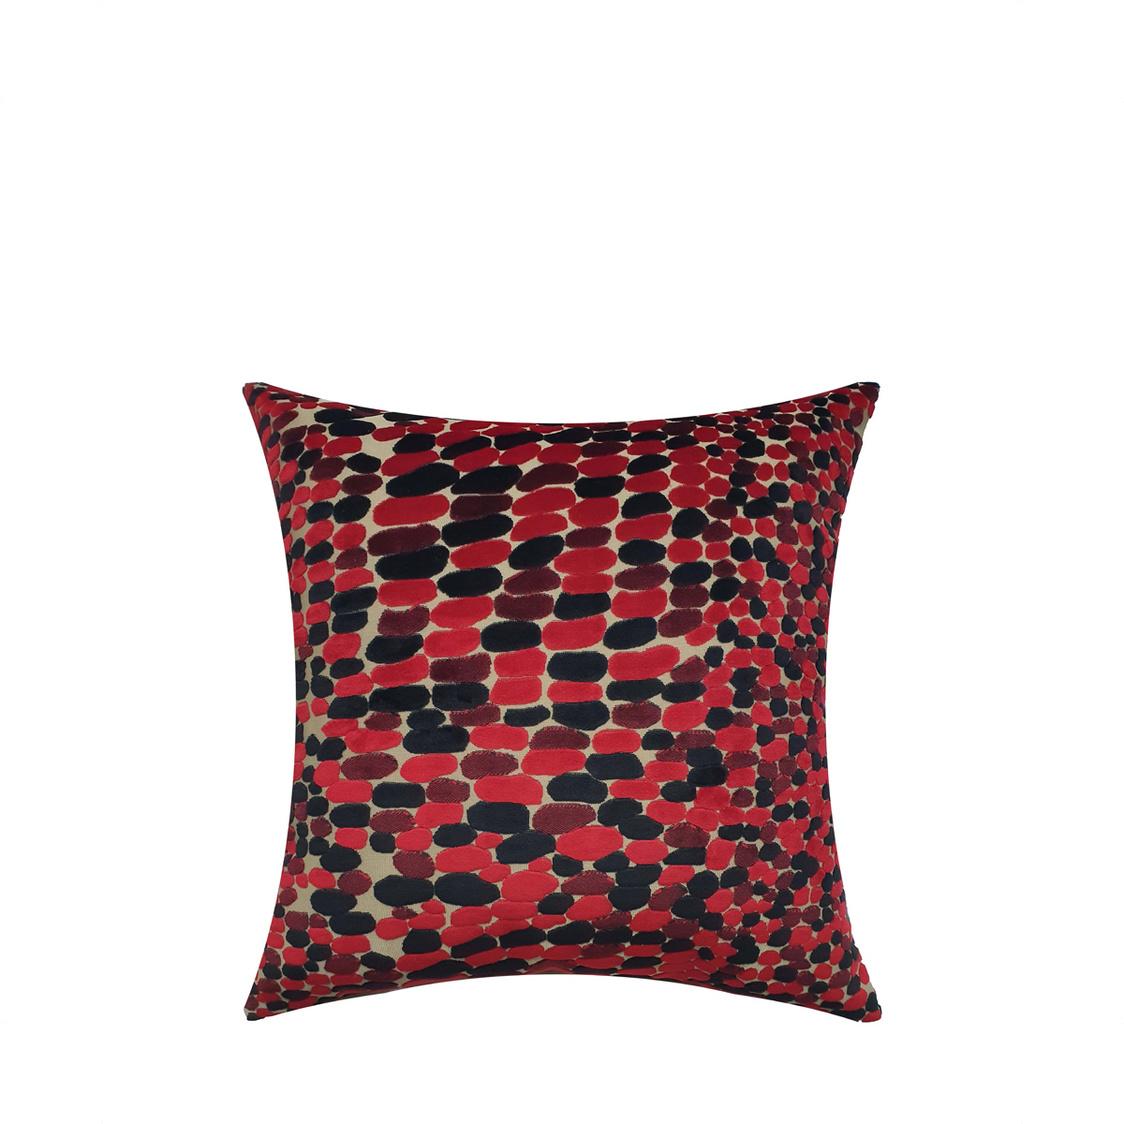 JRapee Neo Cushion Cover Dot 43x43cm